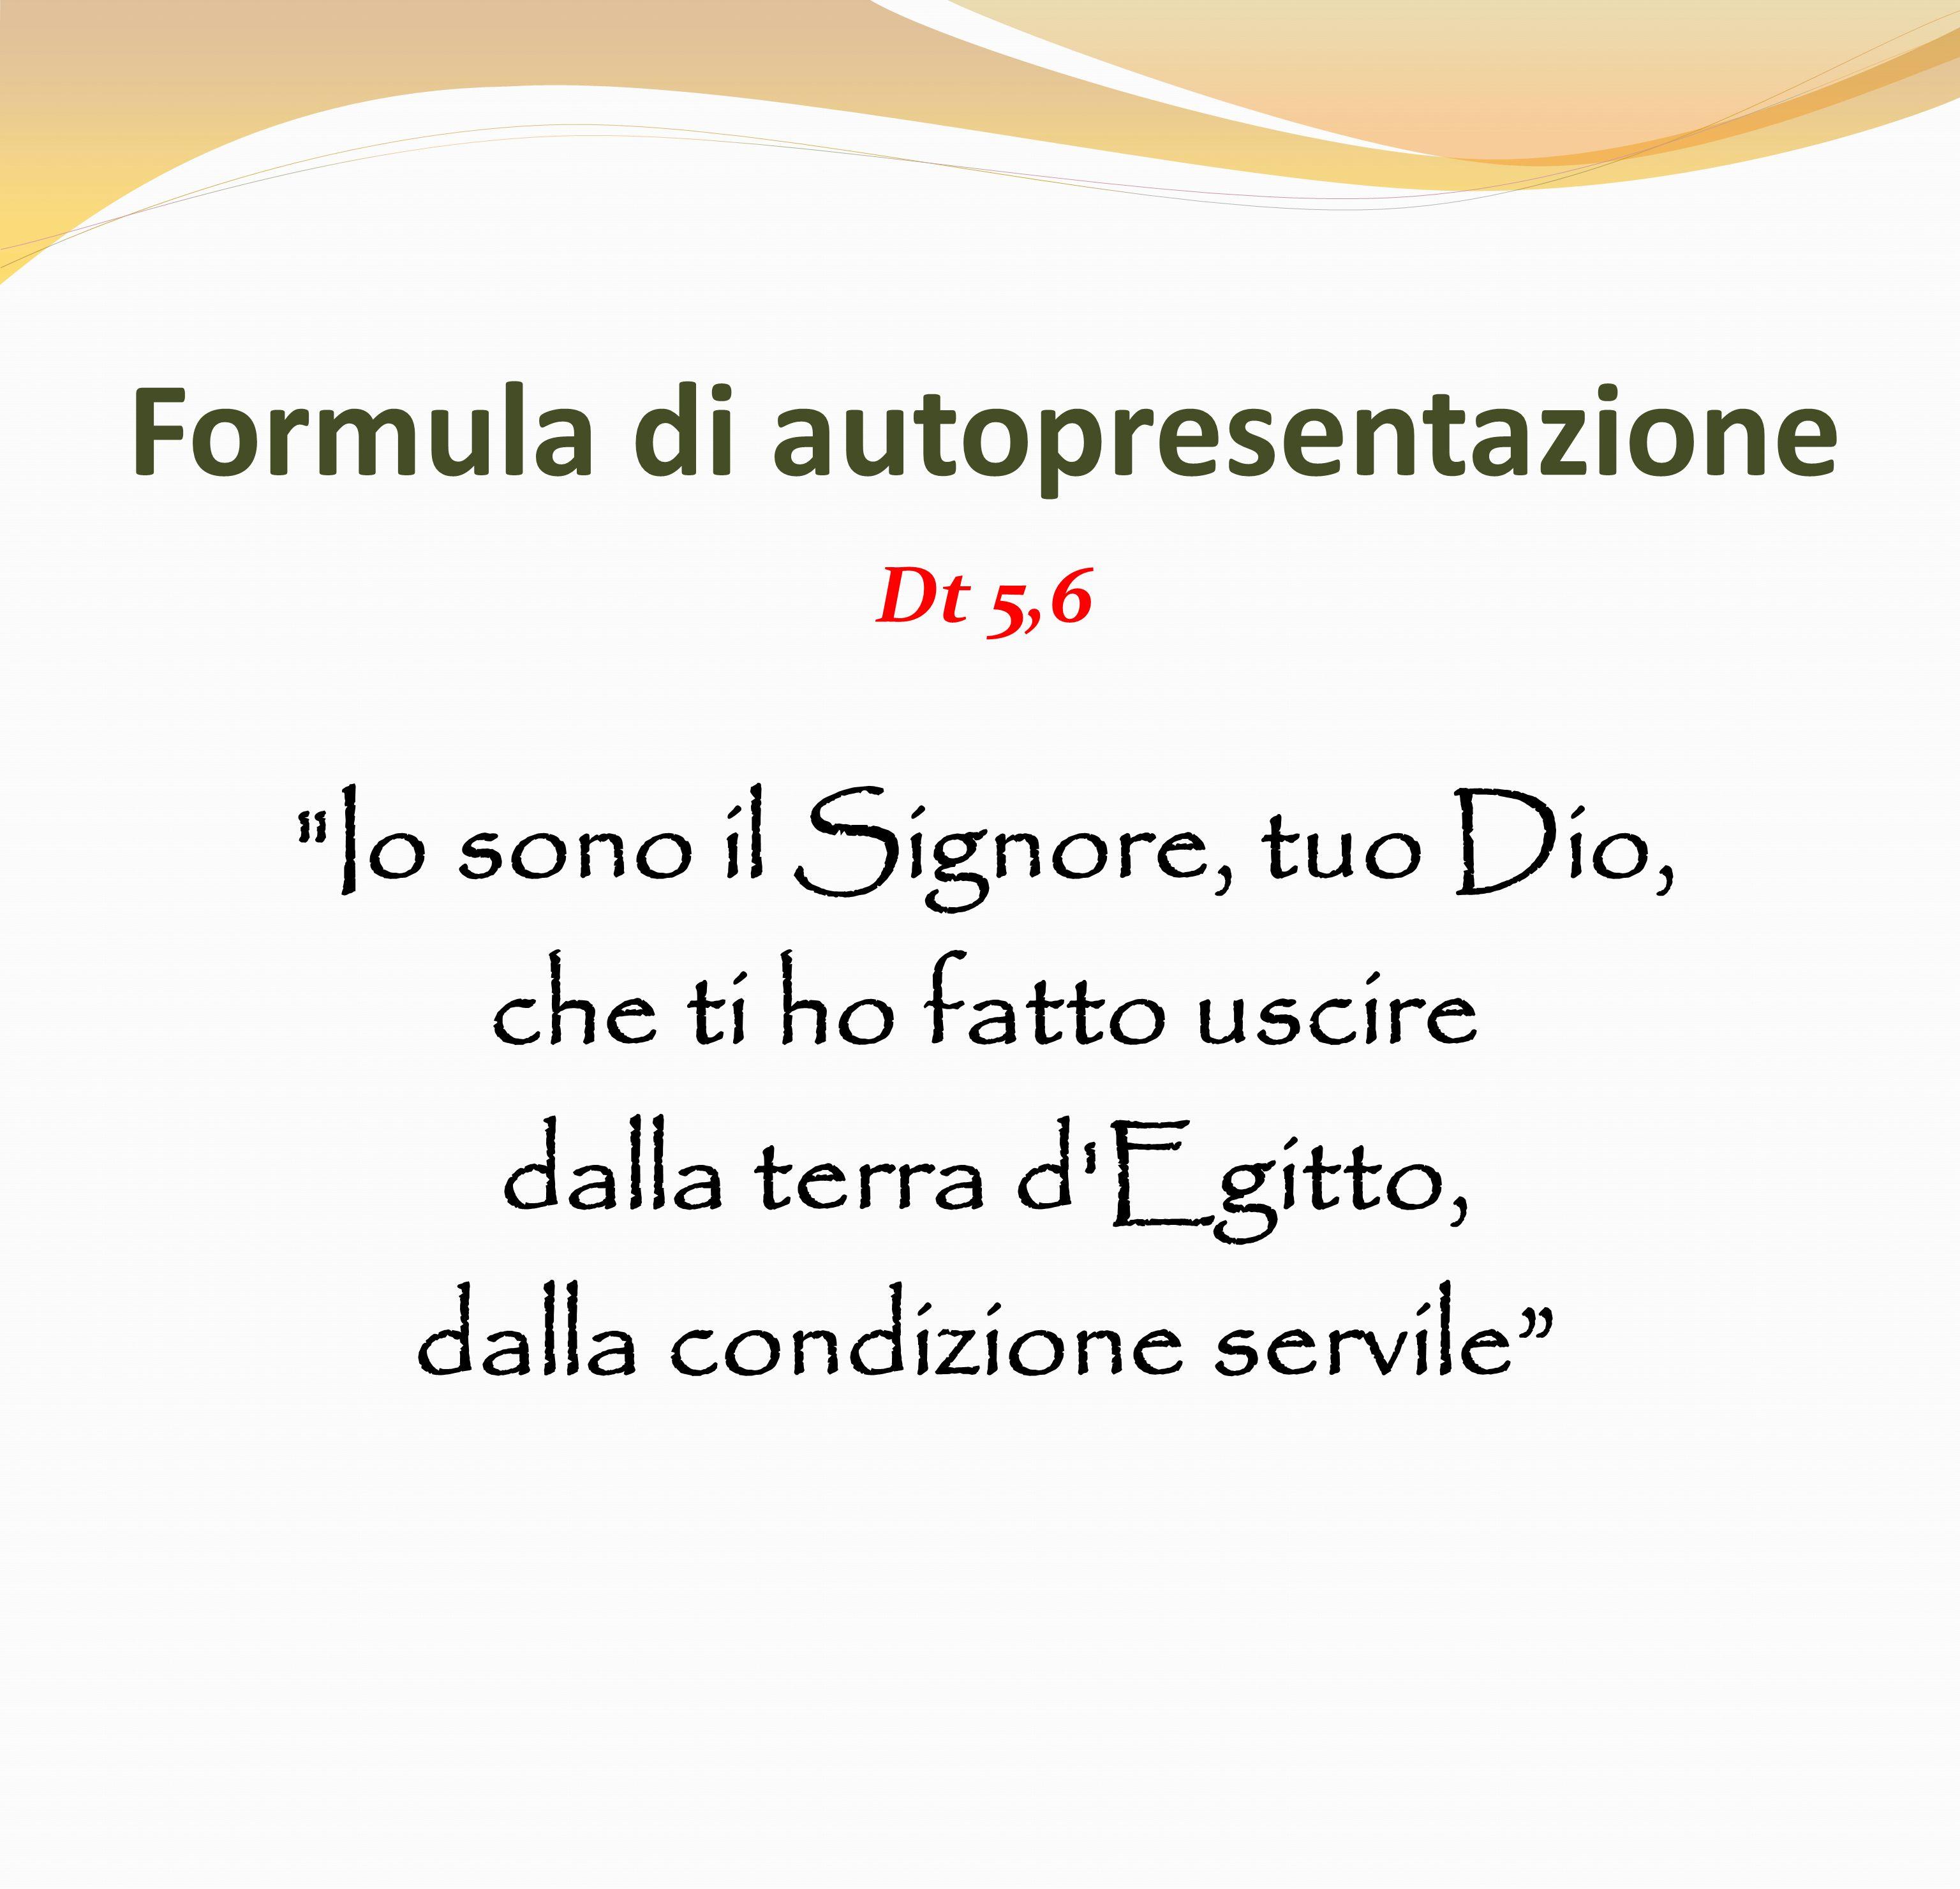 Formula di autopresentazione Dt 5,6